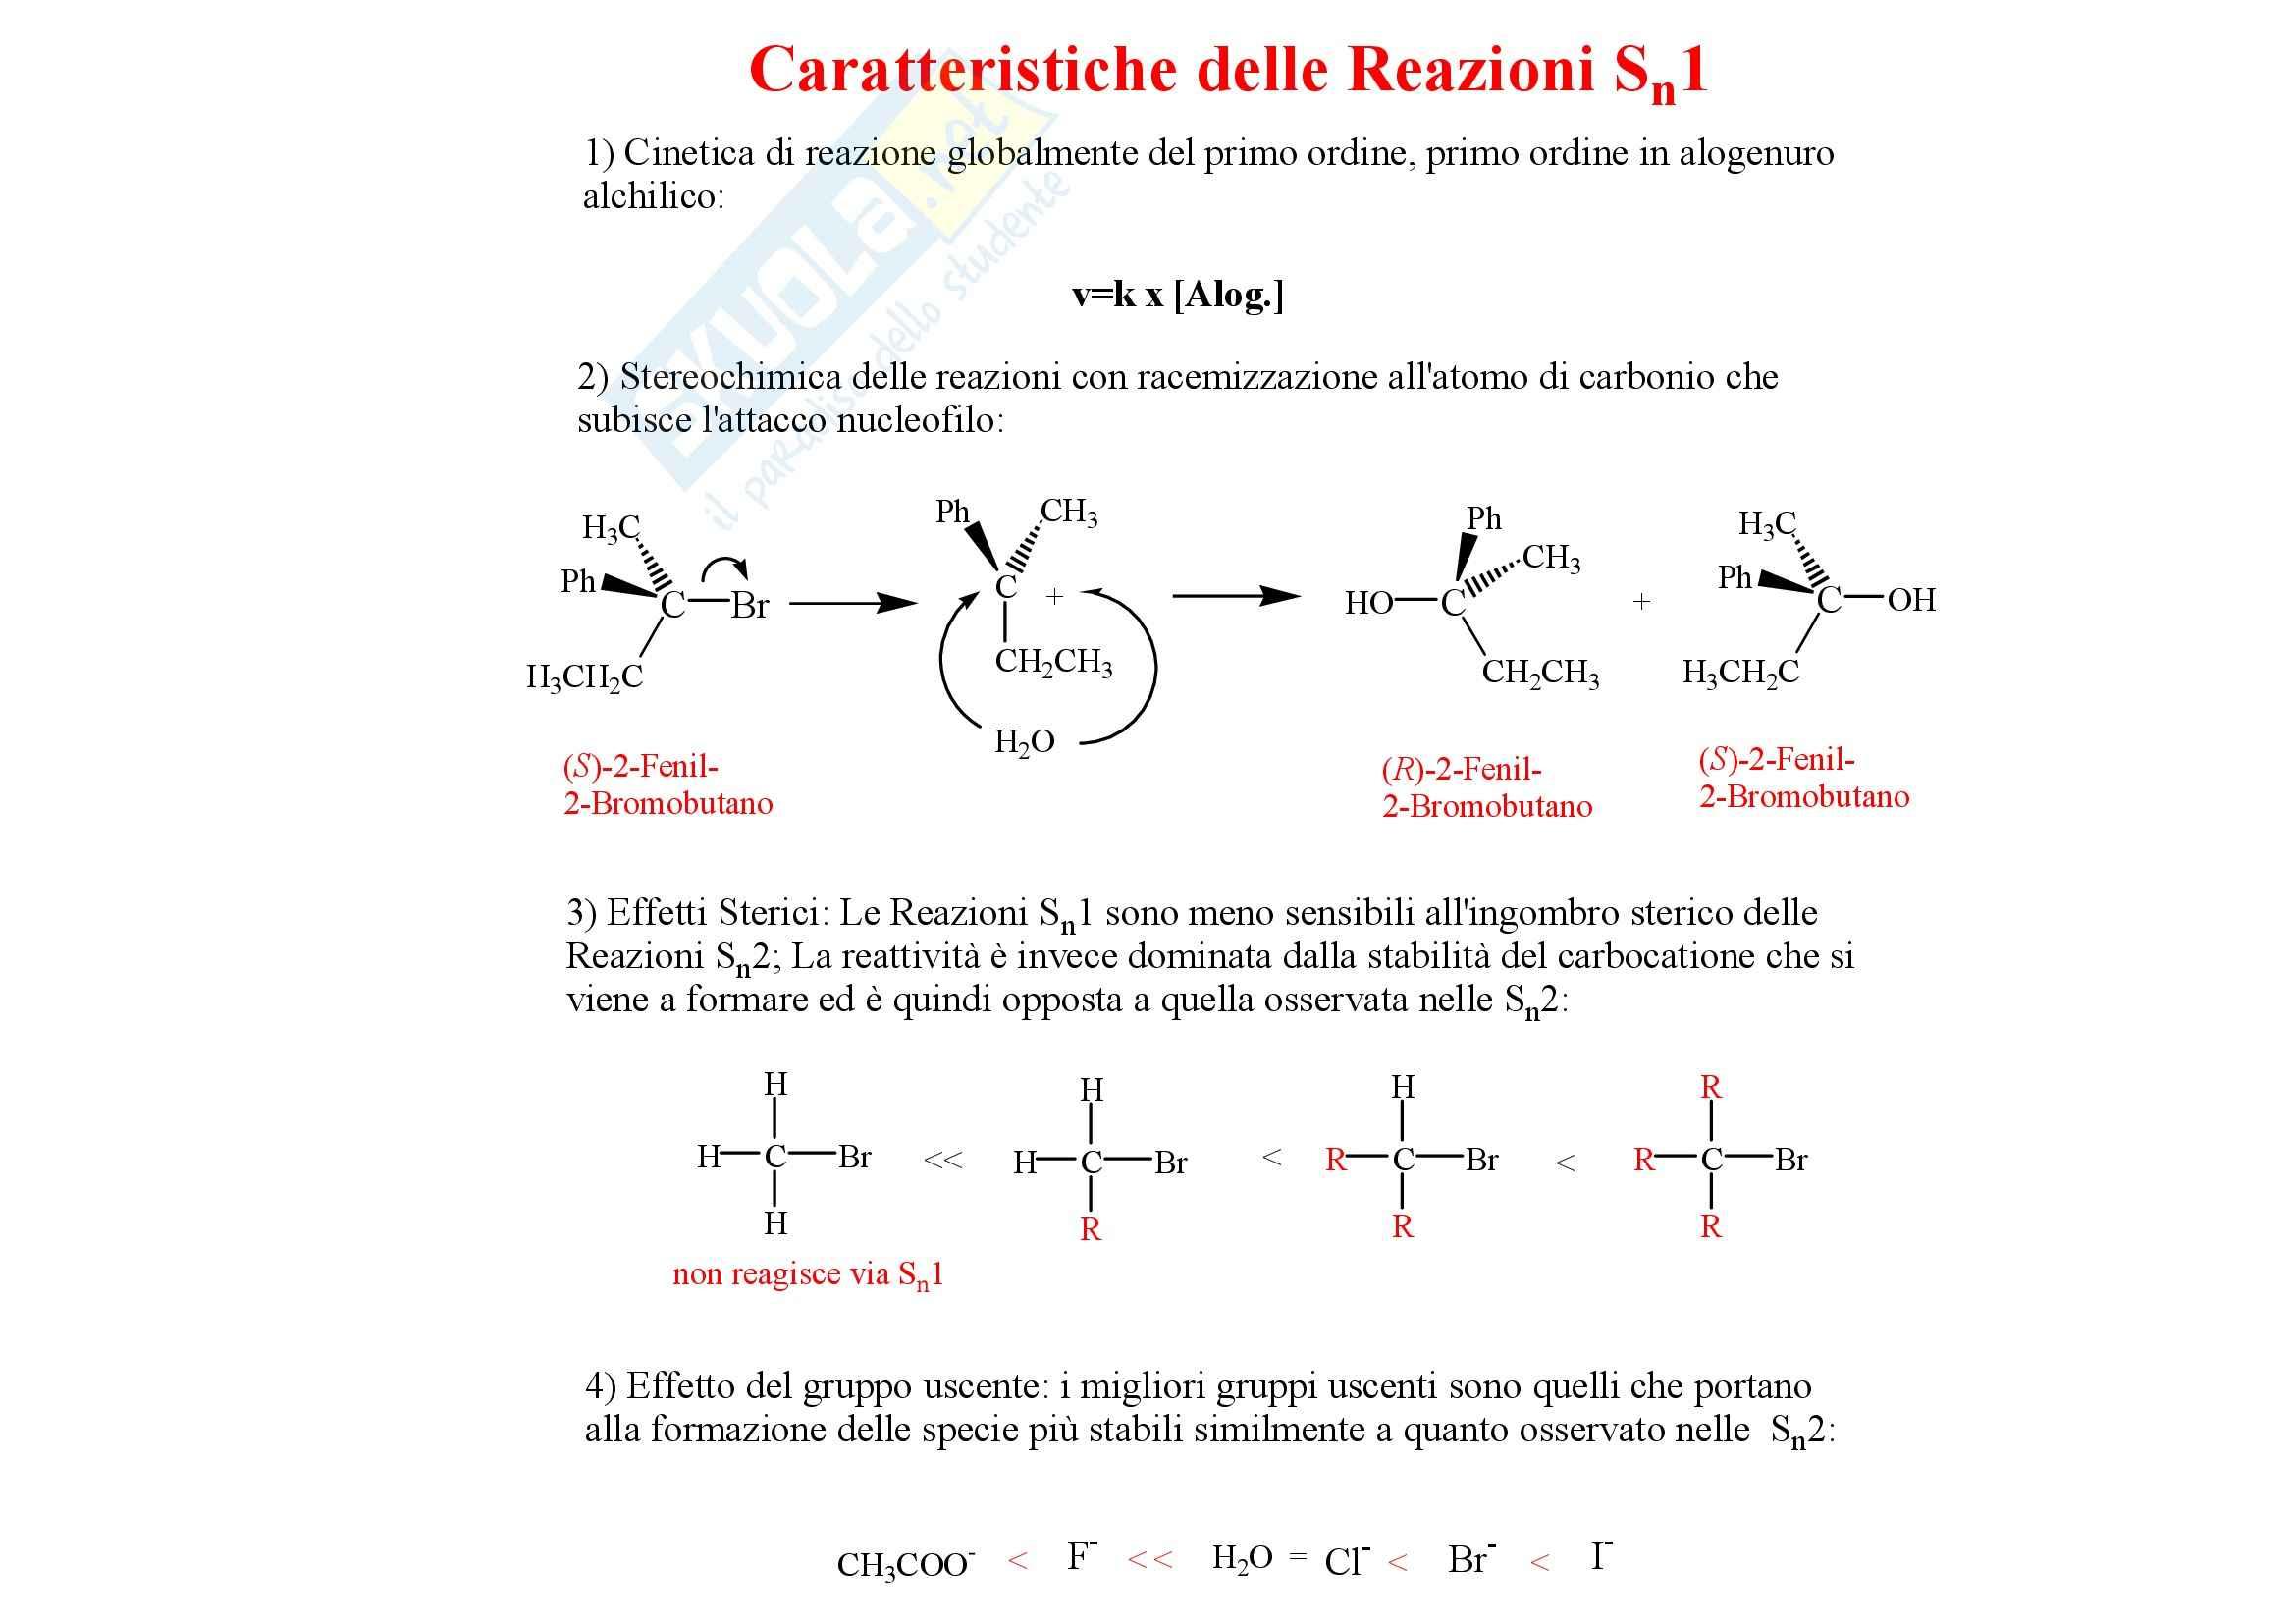 Chimica organica - gli alogenuri alchilici Pag. 11